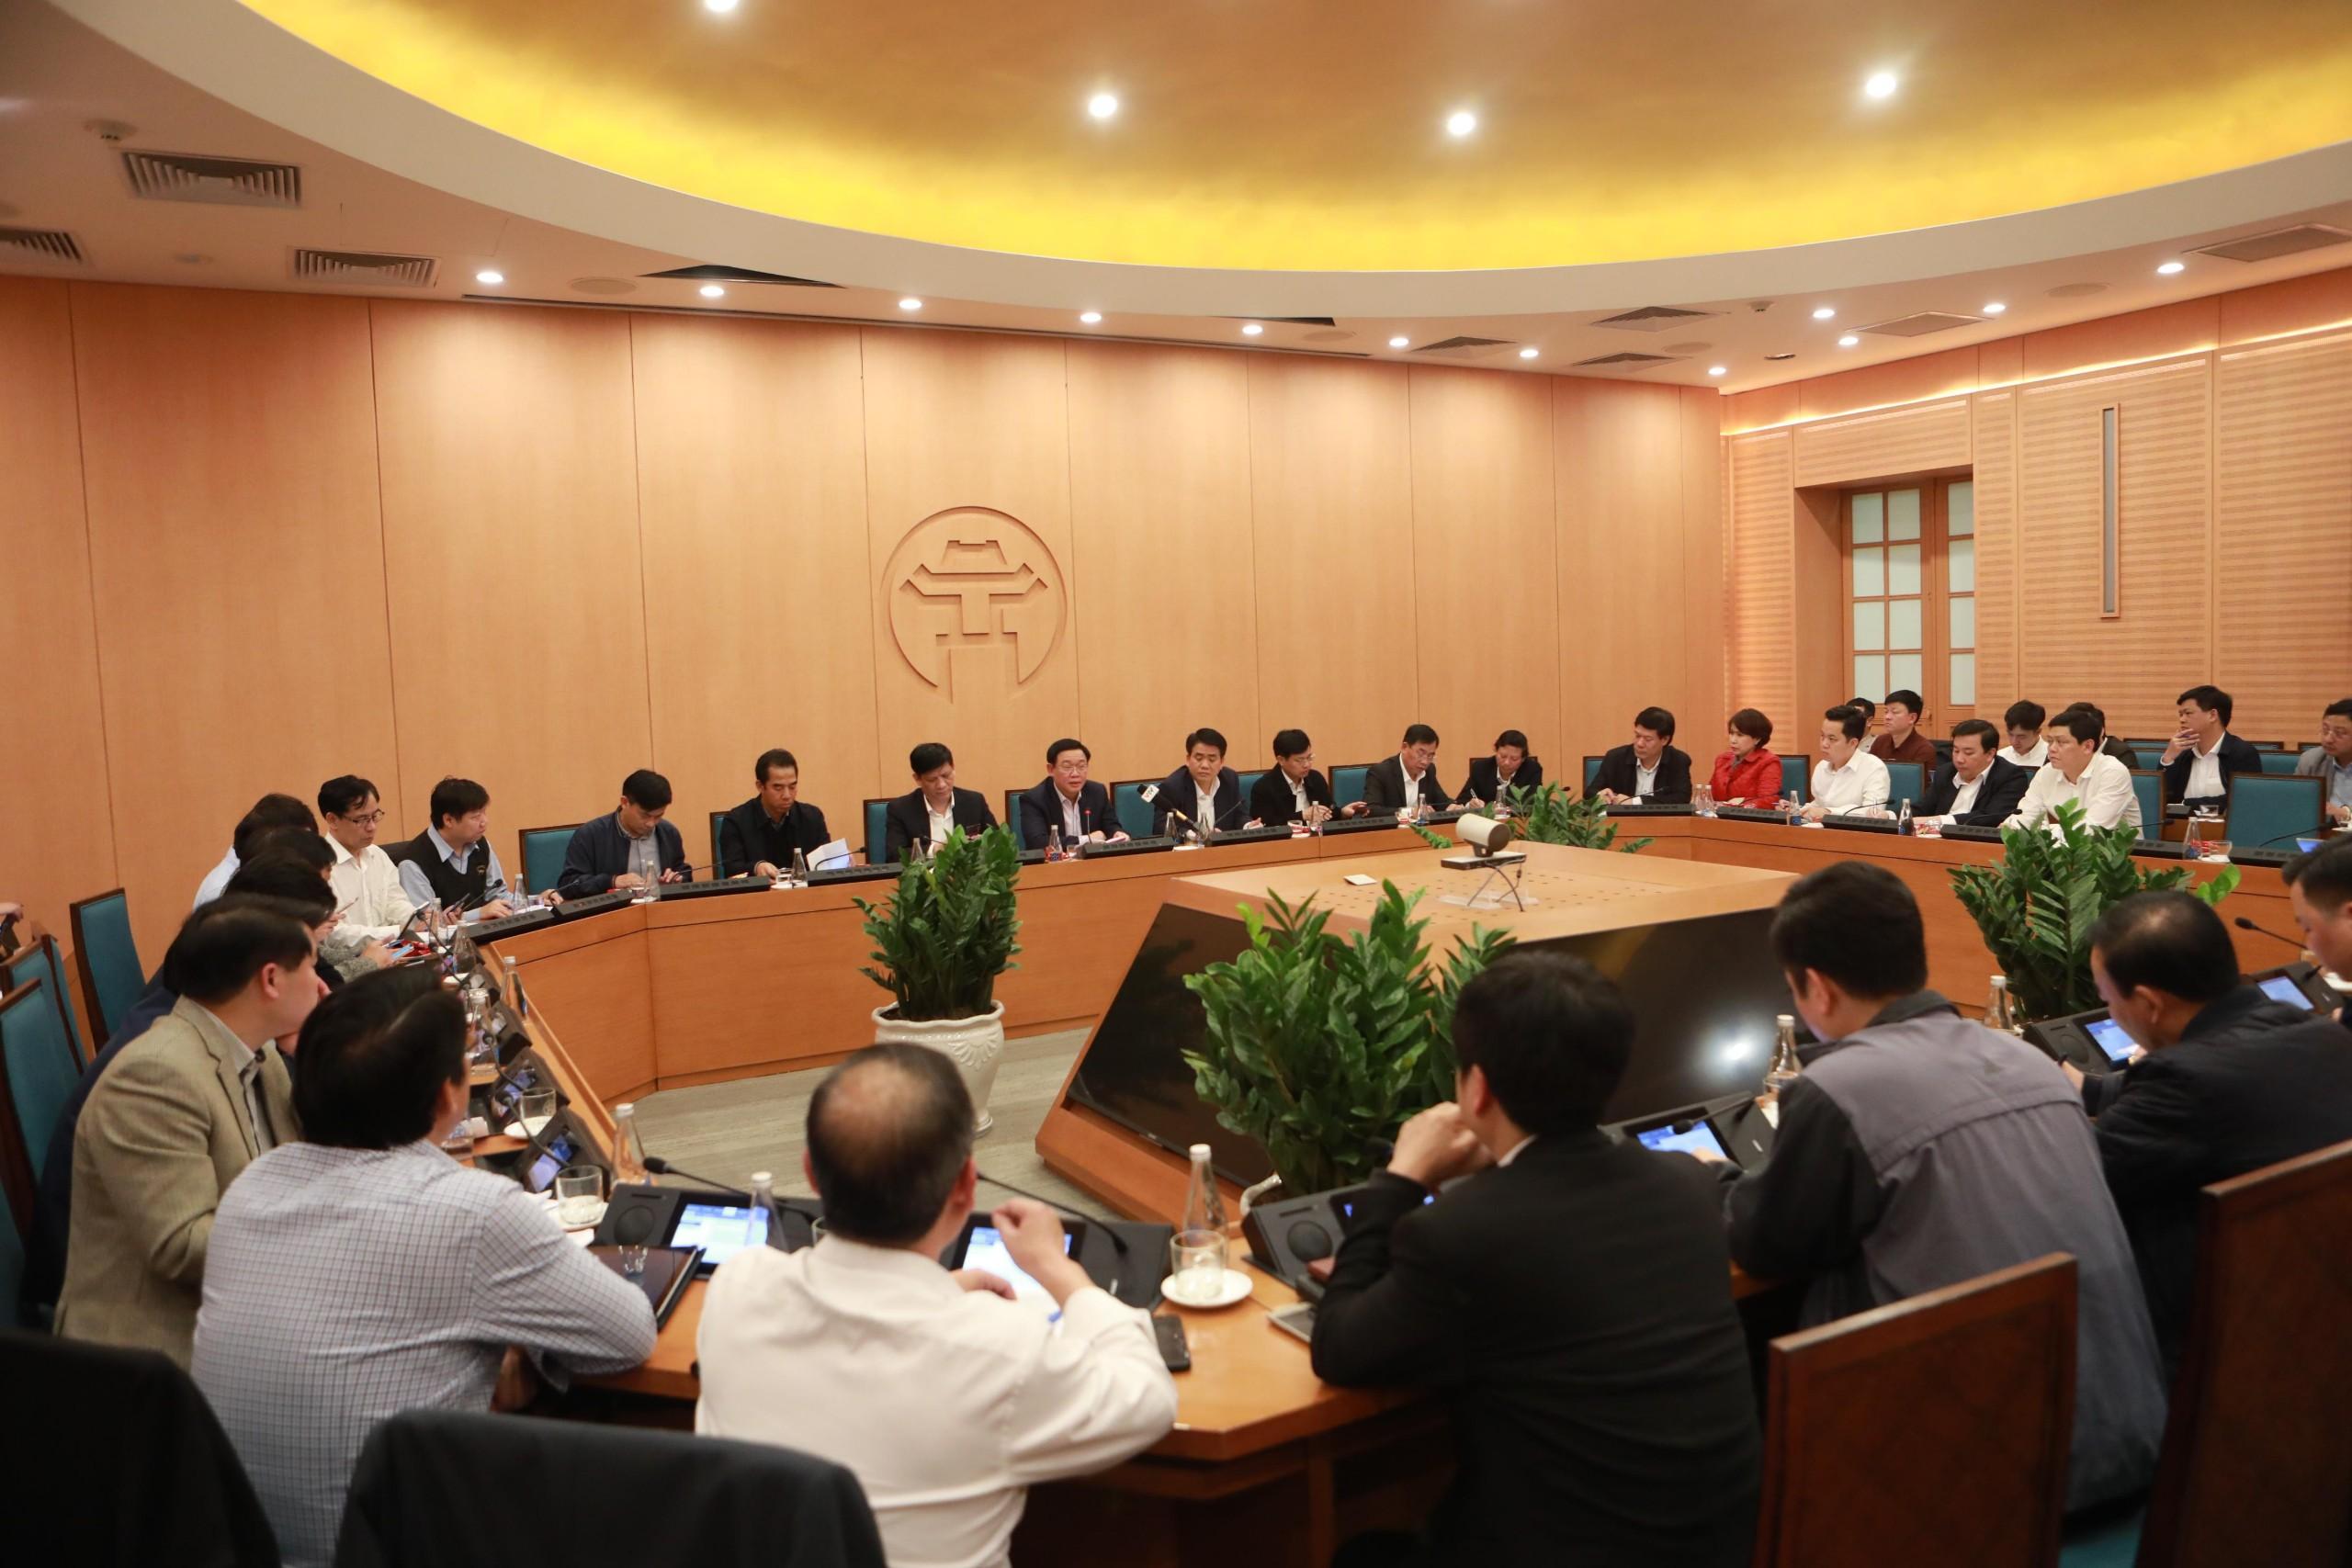 Toàn cảnh cuộc họp khẩn của lãnh đạo thành phố Hà Nội đêm ngày 6/3. Ảnh: VGP/Thiện Tâm